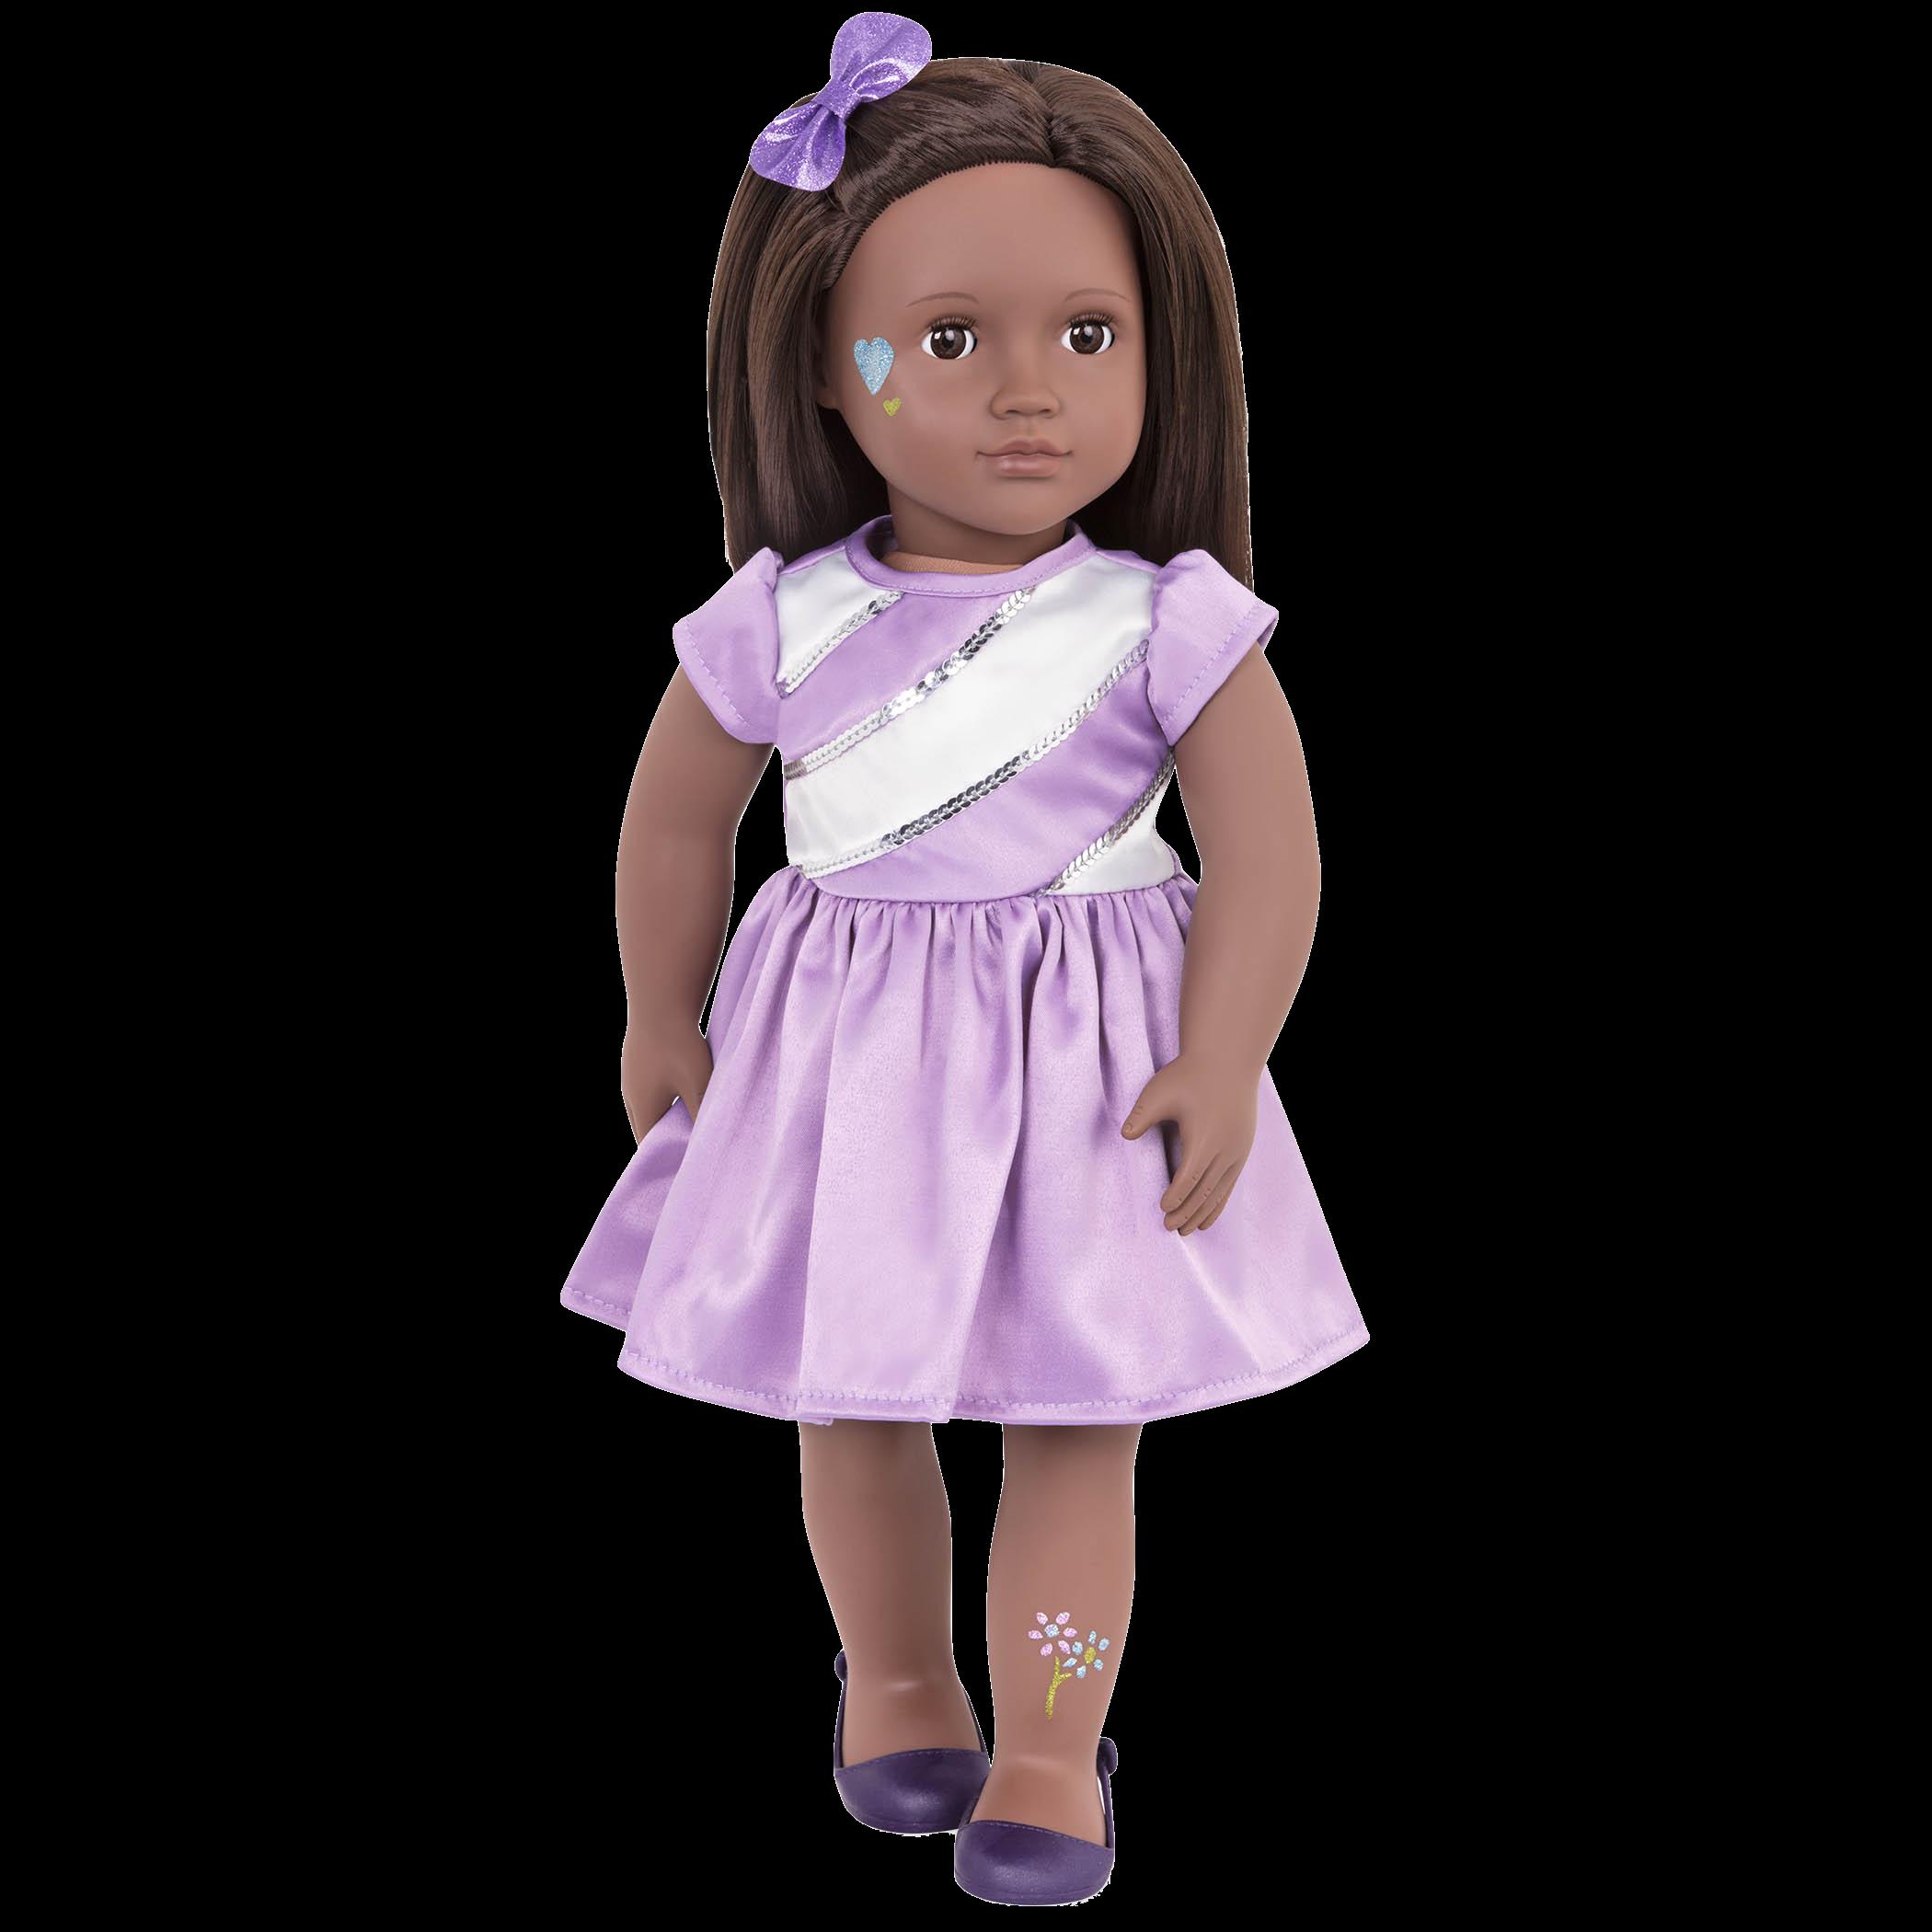 Shyanne wearing purple satin dress